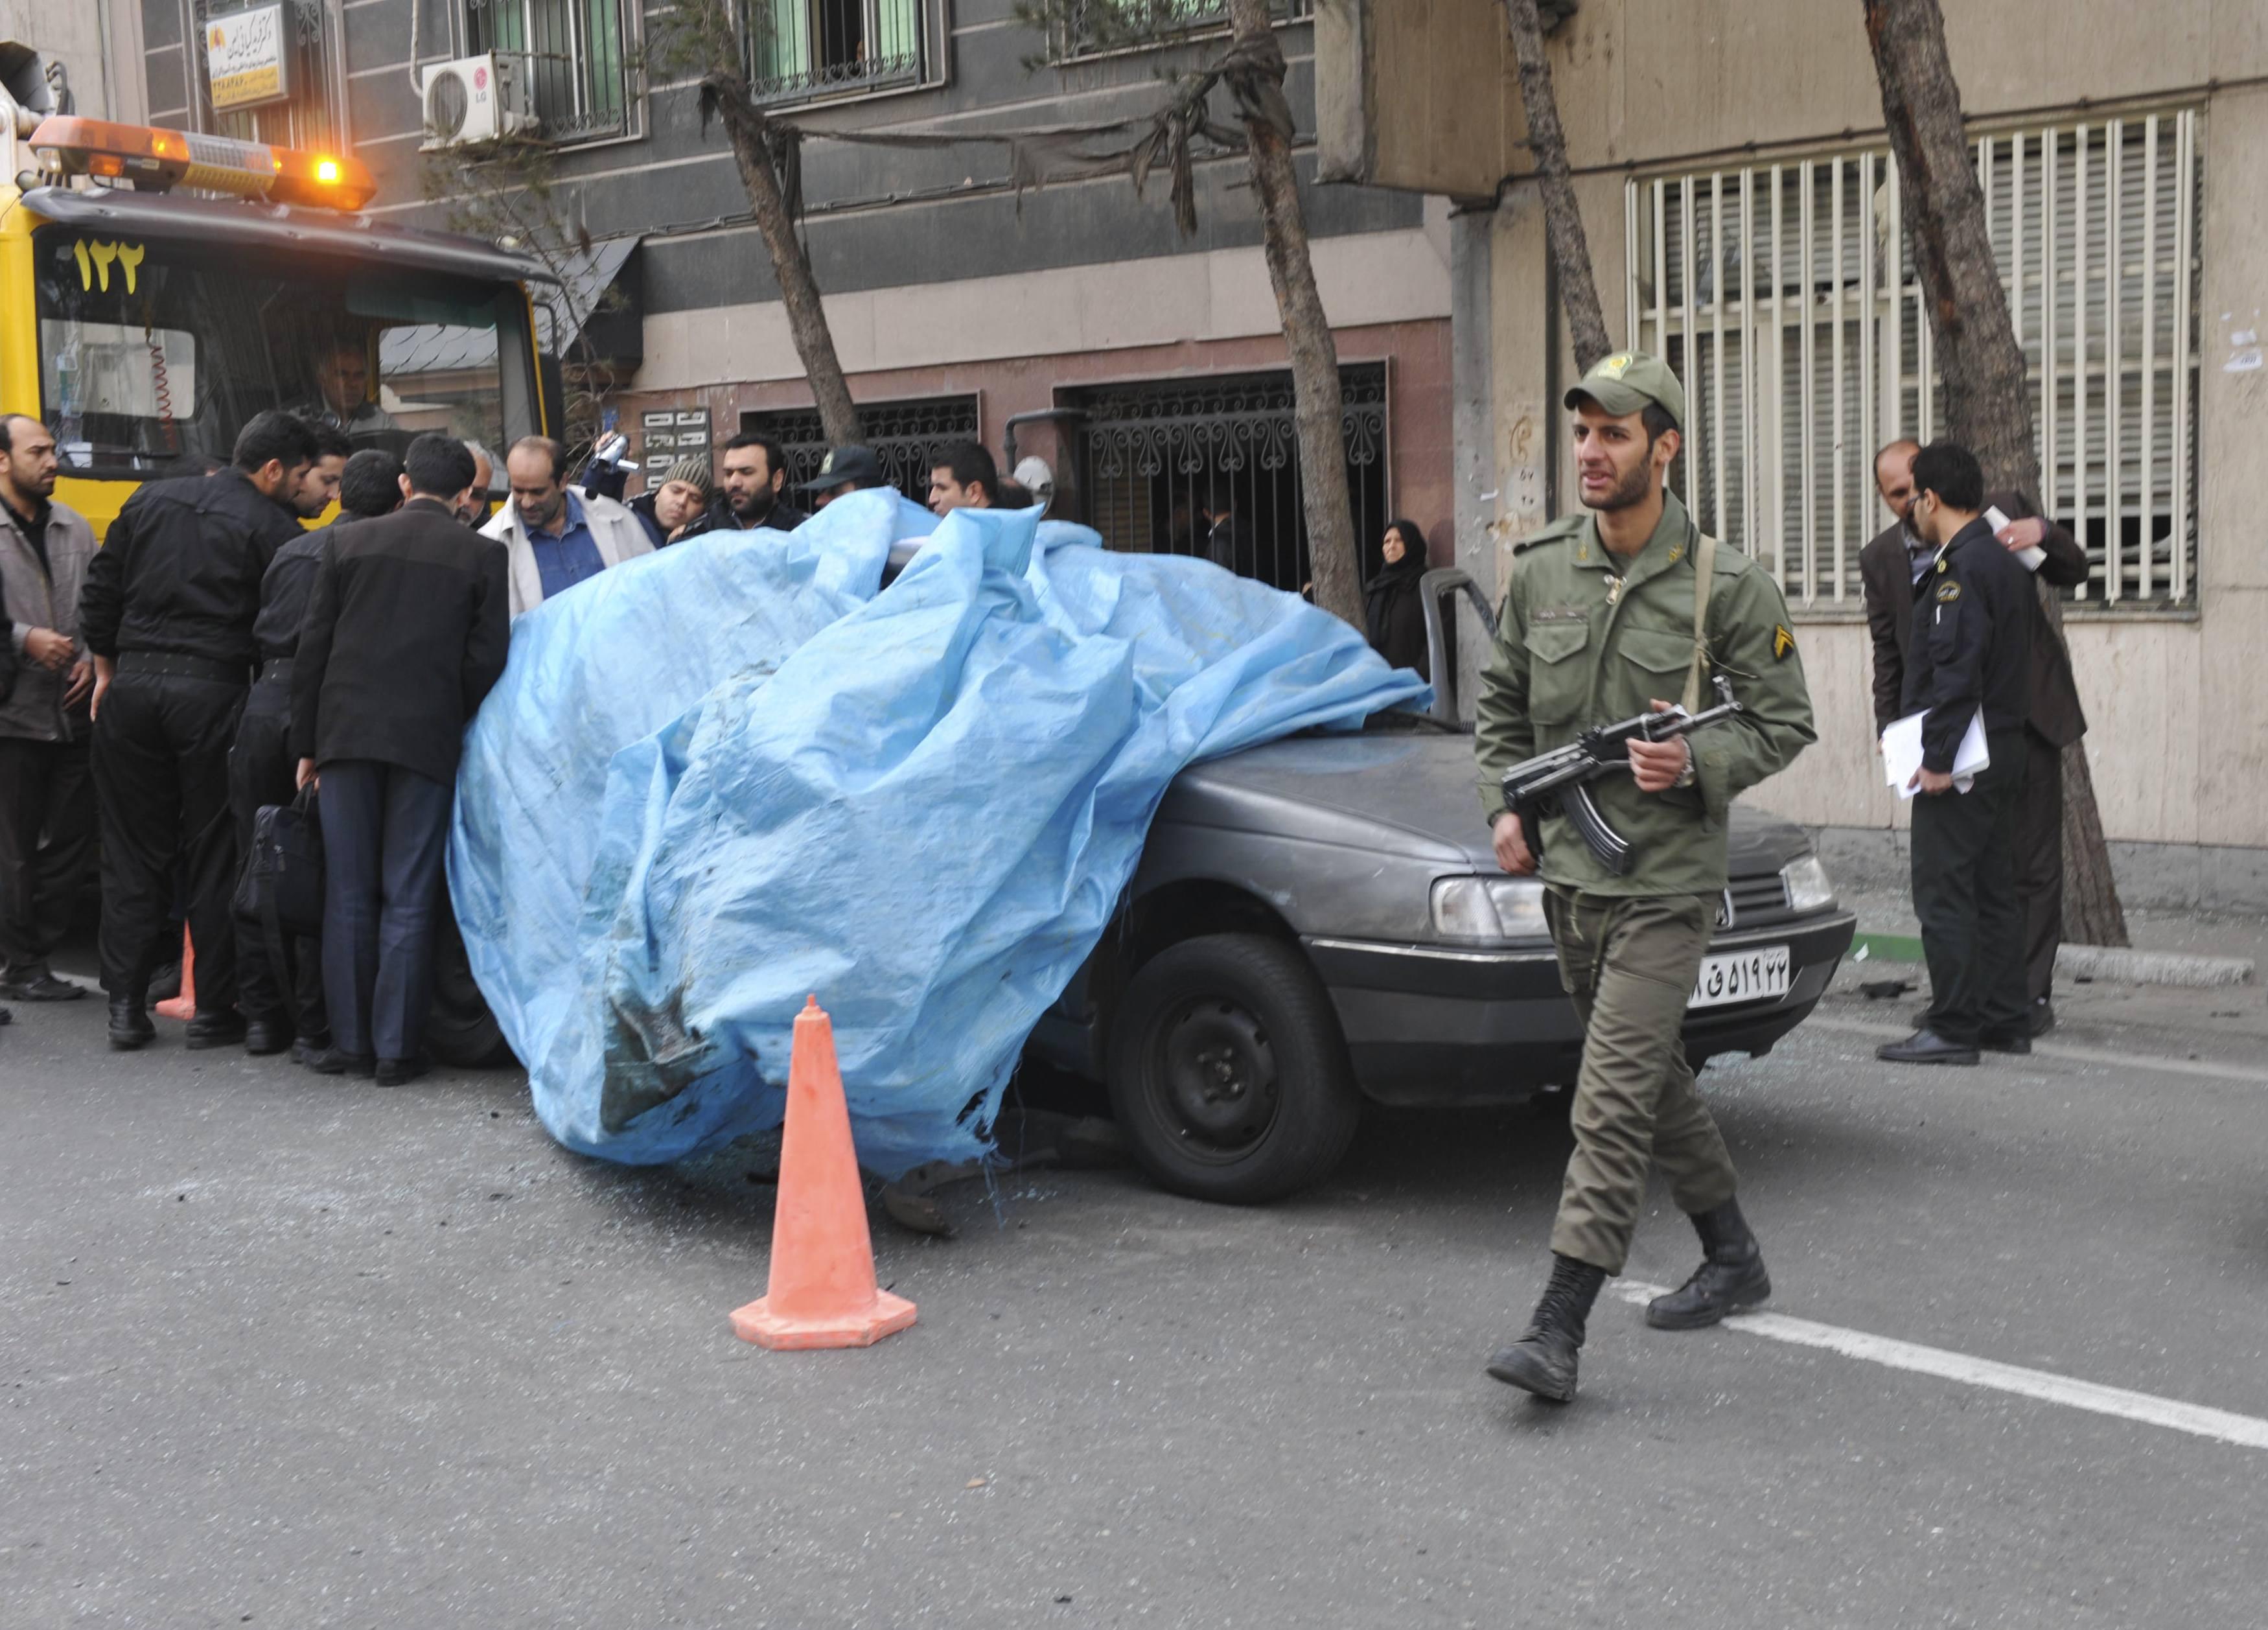 ΗΠΑ: Αρνούνται ανάμειξή τους στη δολοφονία του ιρανού επιστήμονα   tovima.gr